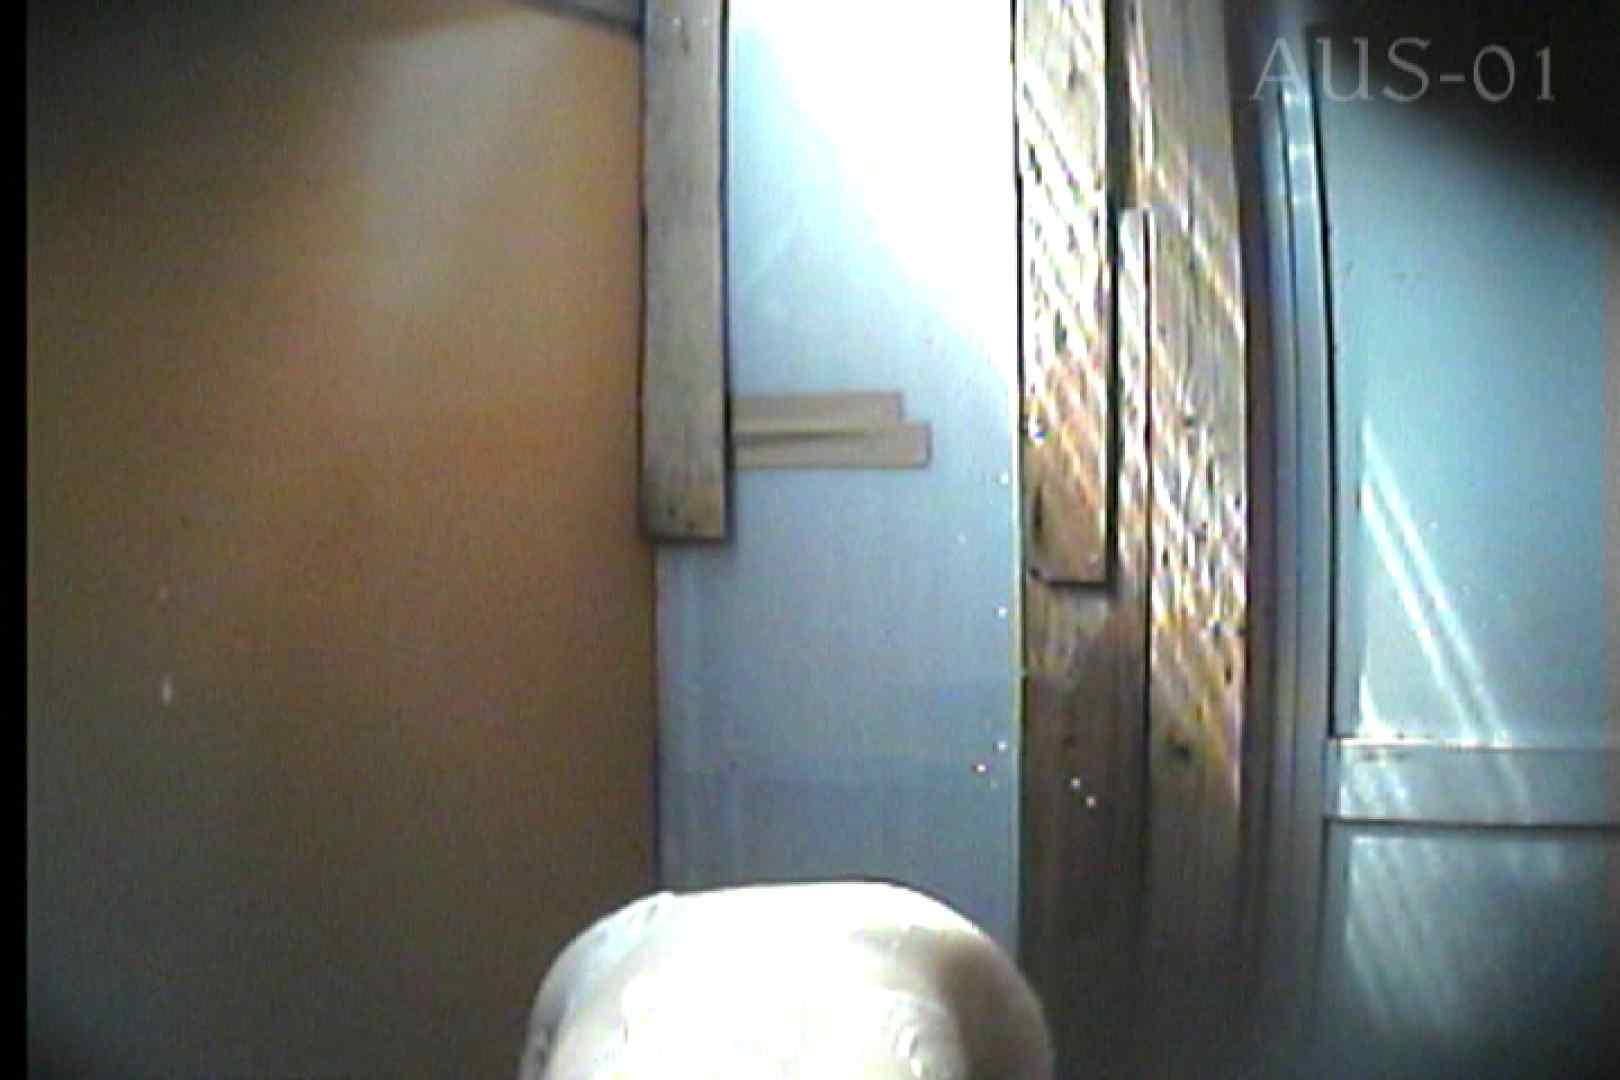 海の家の更衣室 Vol.02 美女 盗み撮りAV無料動画キャプチャ 70pic 35